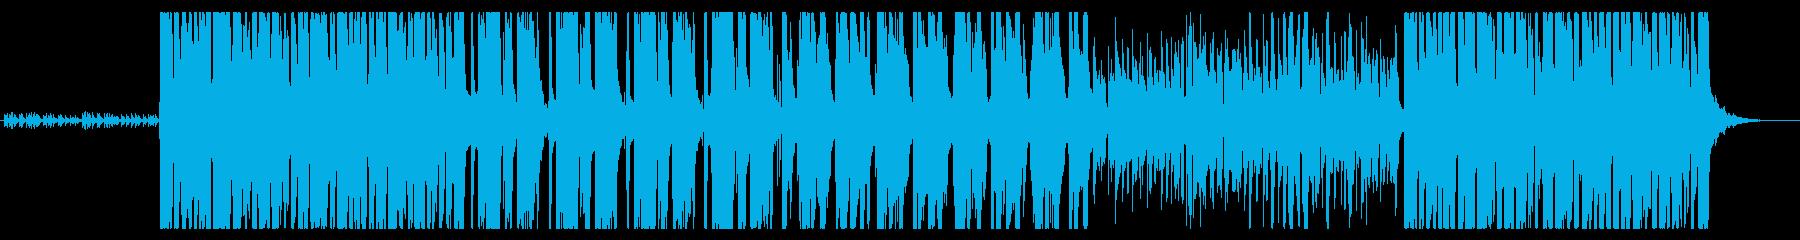 いたずら妖精をイメージした幻想的な楽曲の再生済みの波形